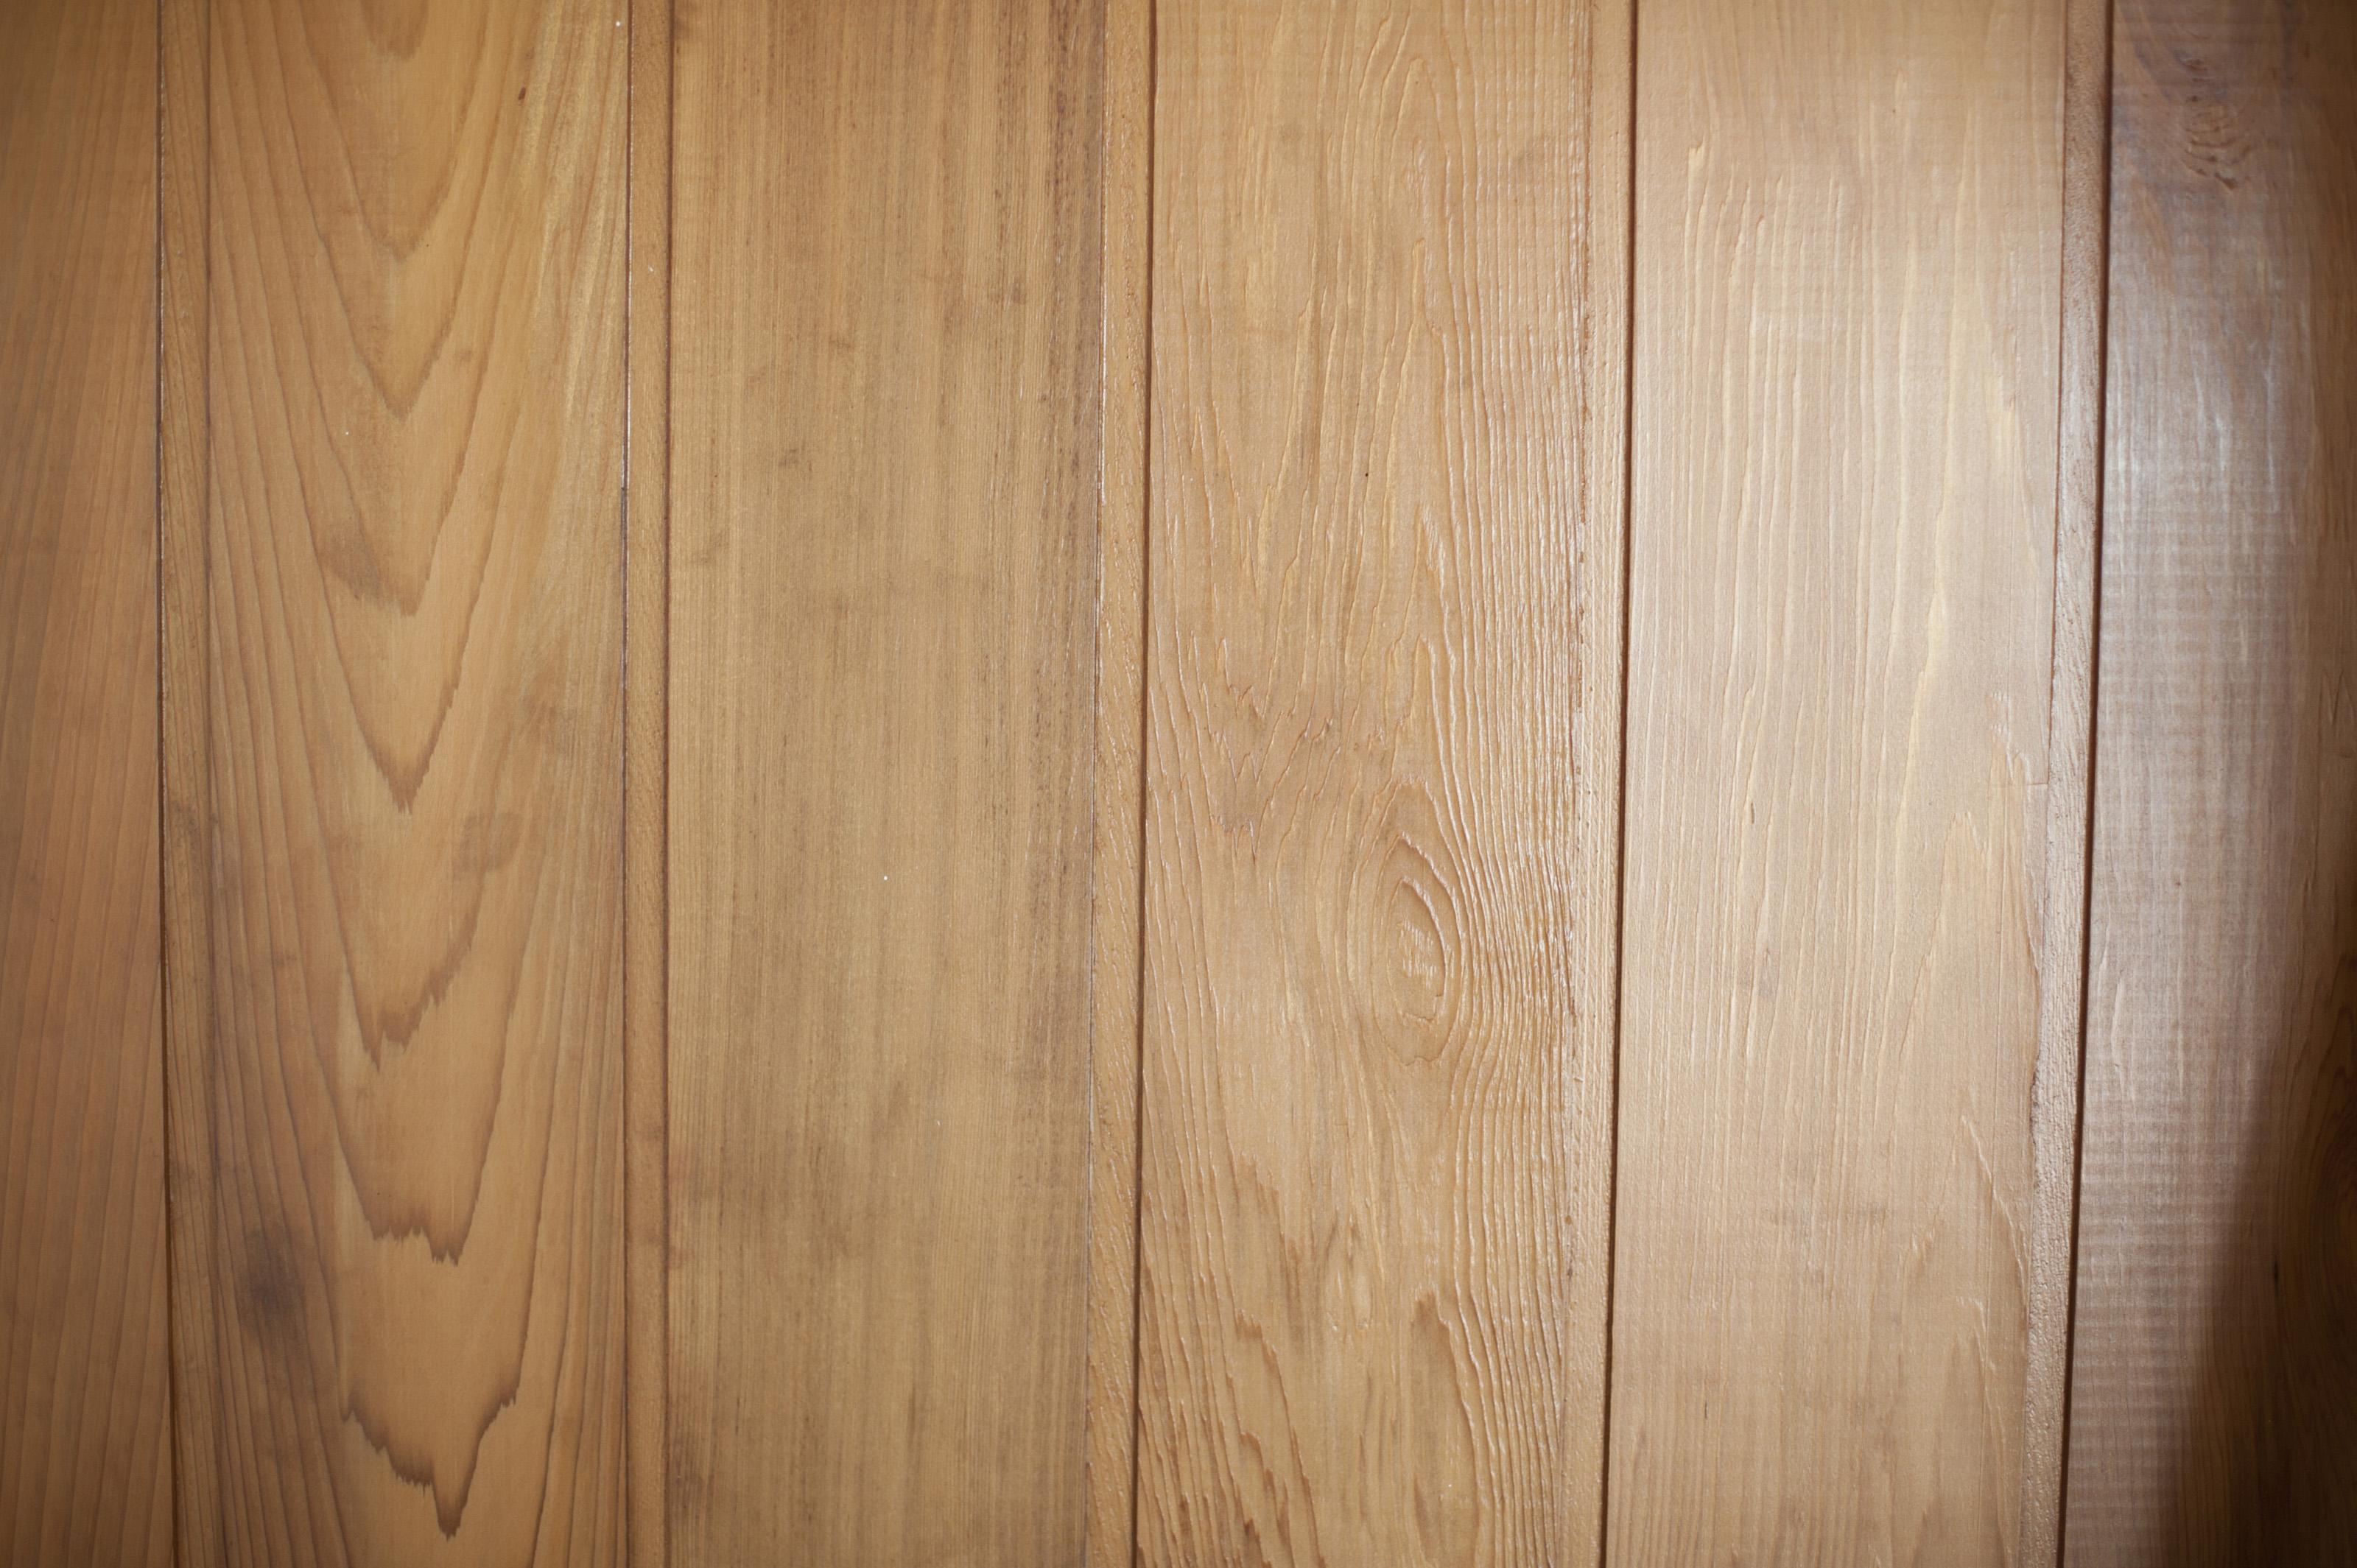 Free Stock Photo 10925 Close Up Of Laminate Wood Paneling